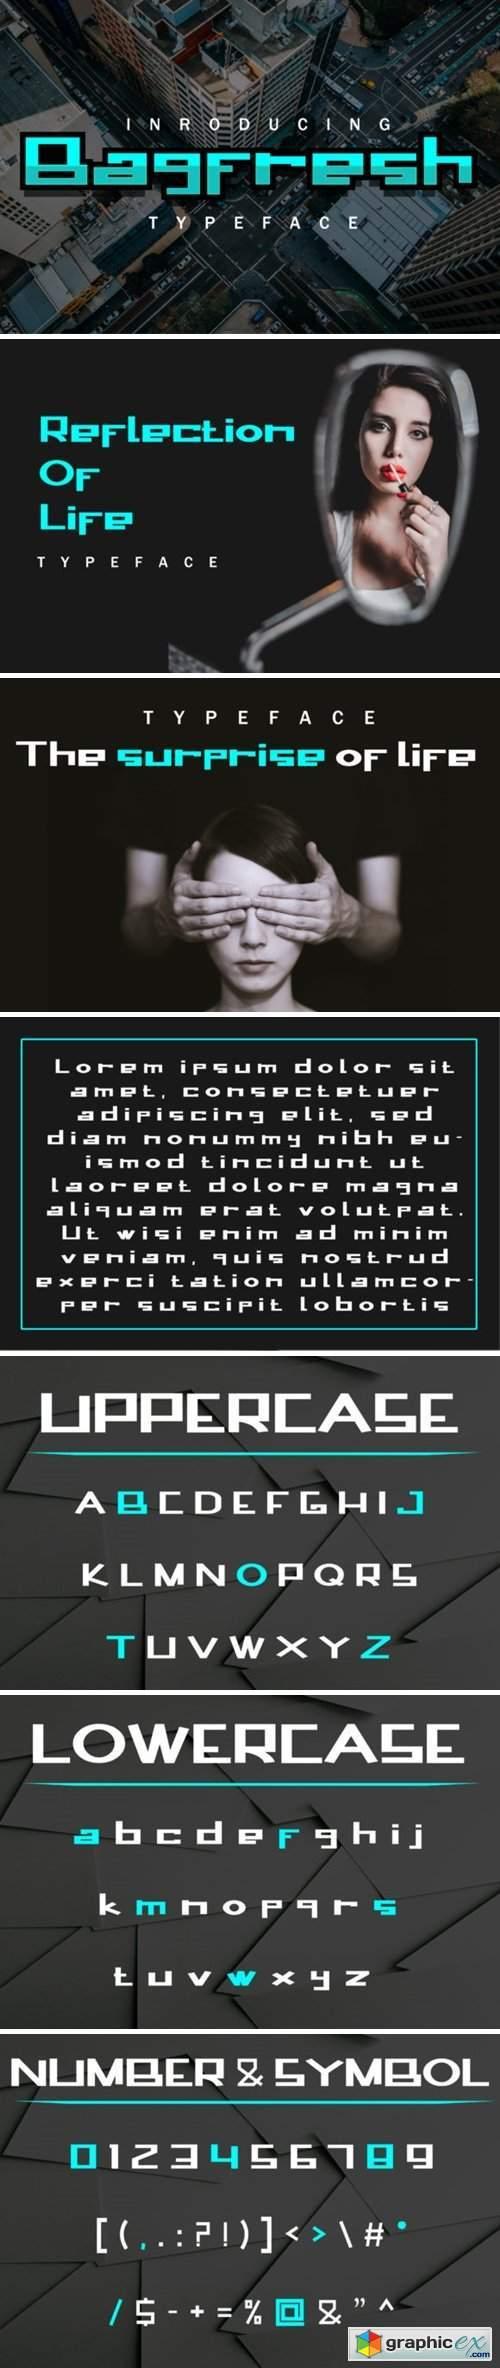 Bagfresh Font